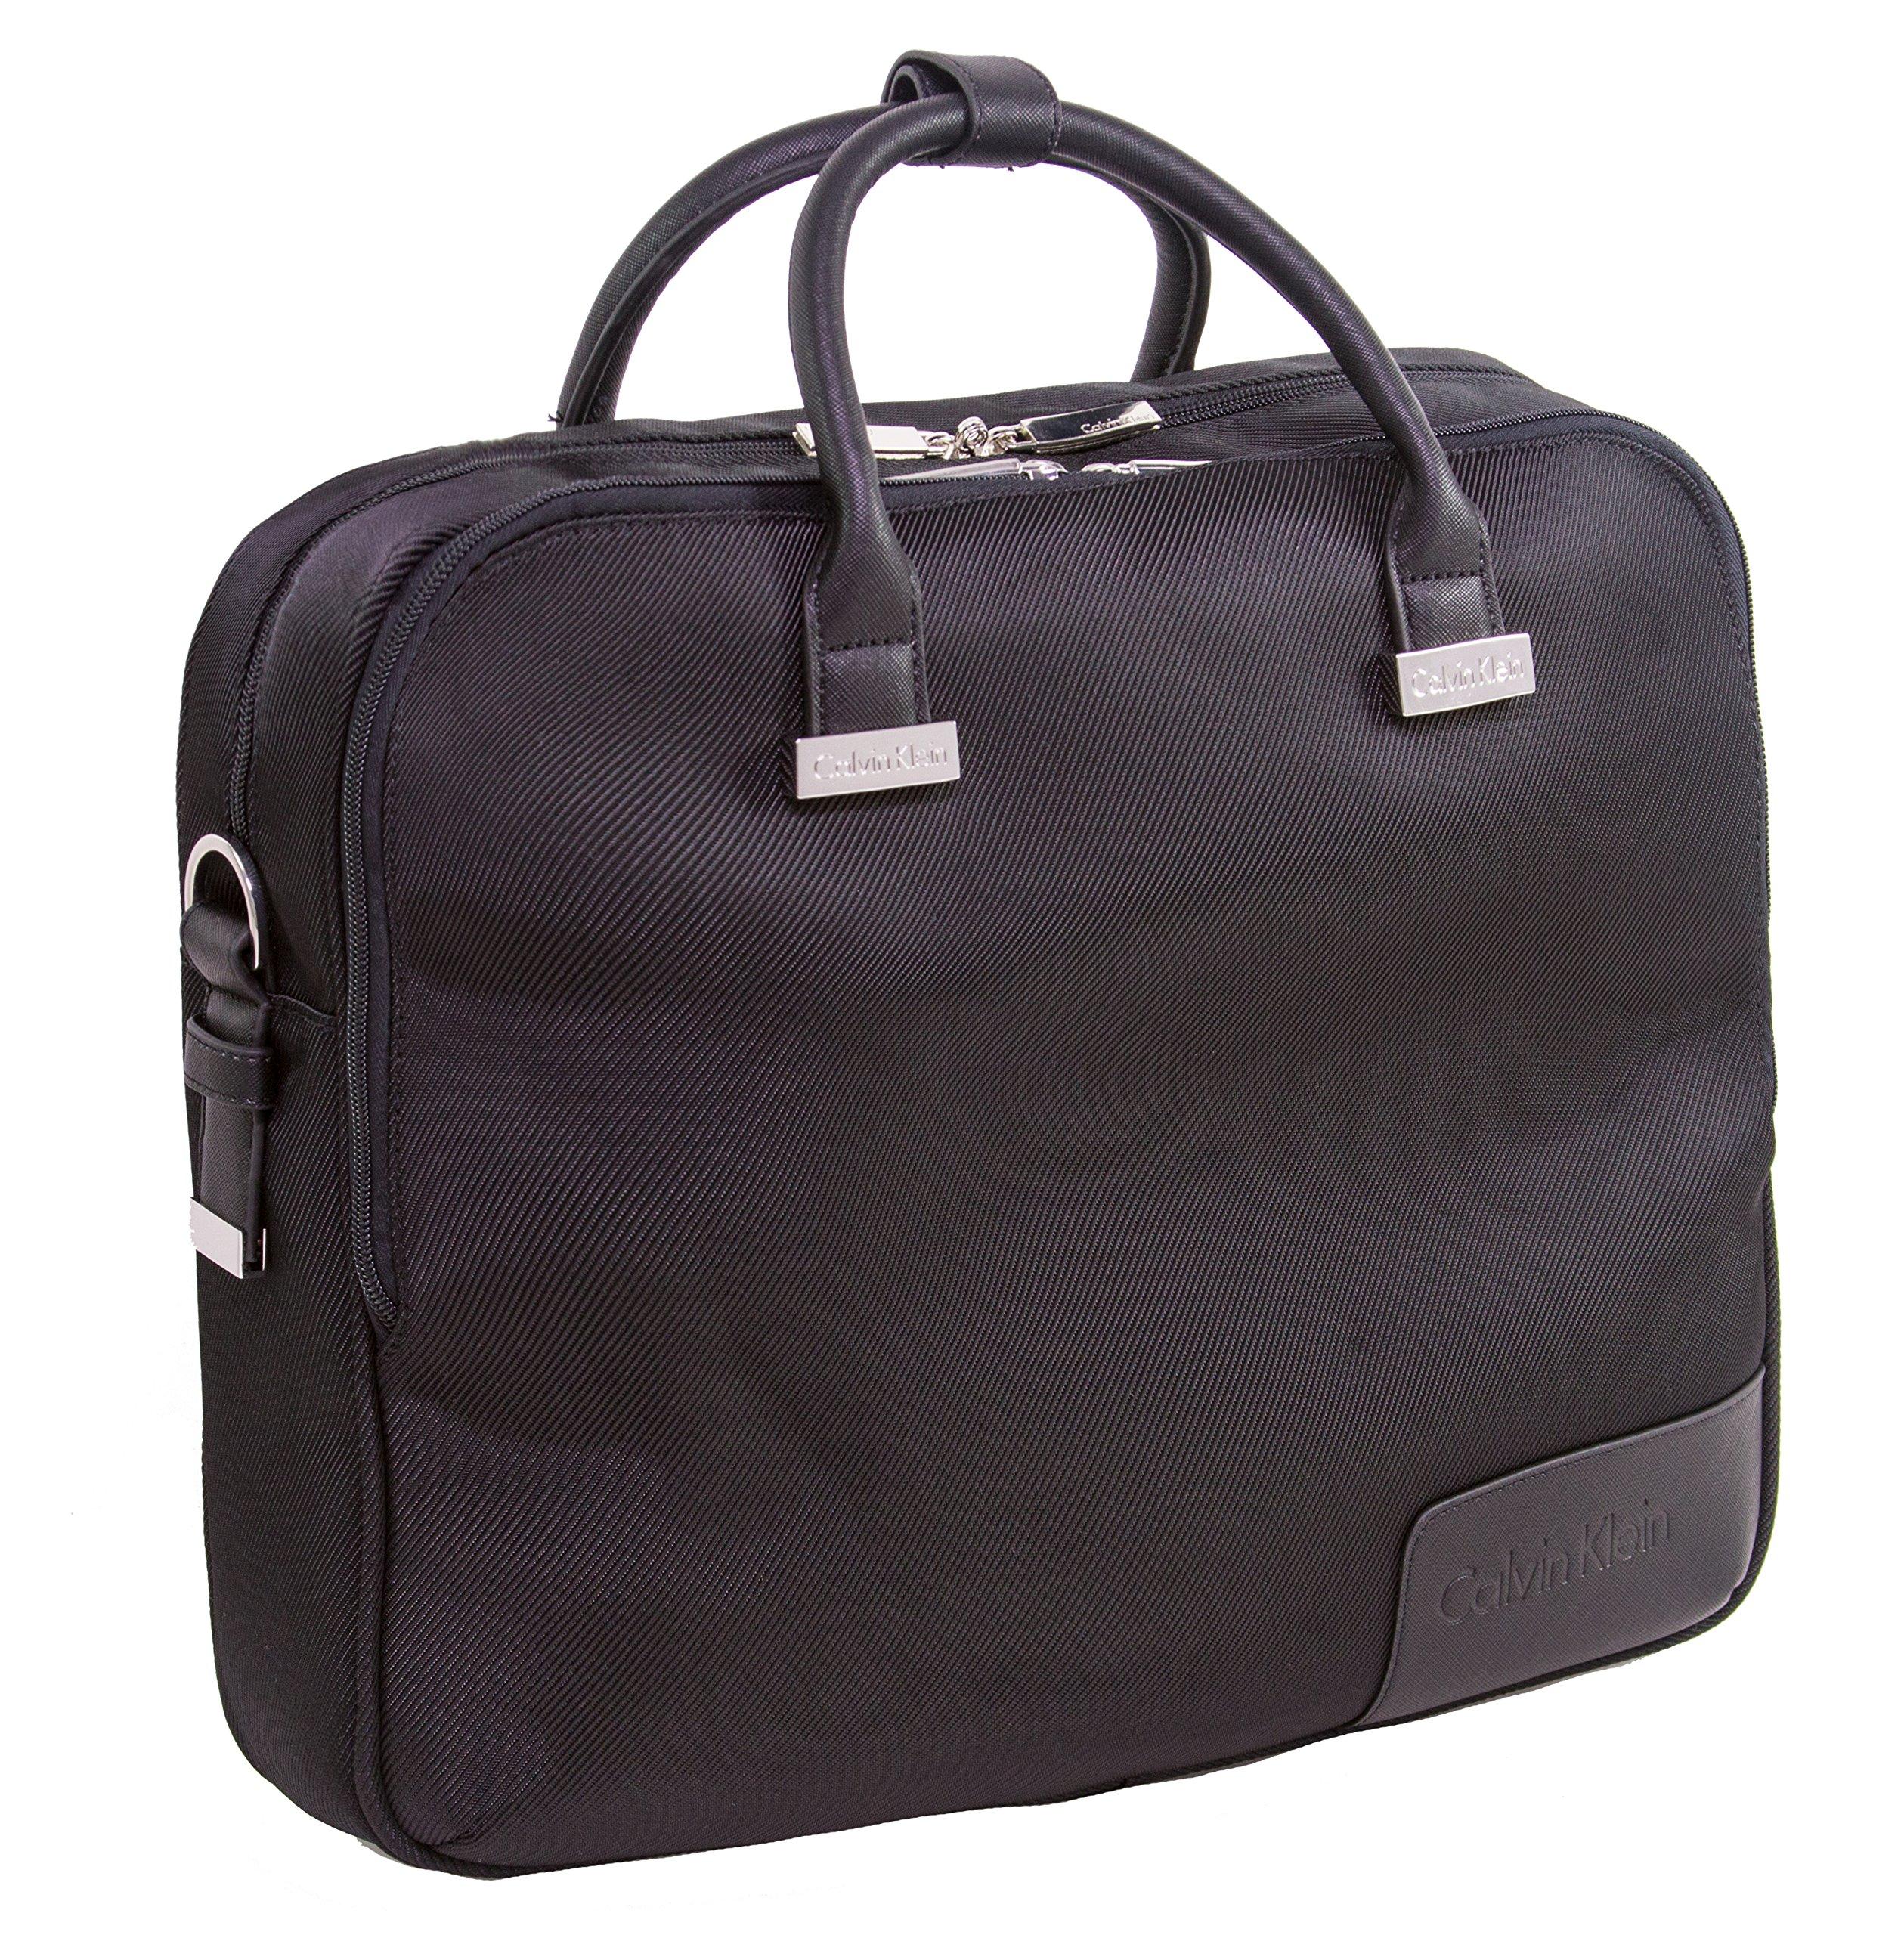 Calvin Klein Dylan Case Laptop Briefcase, Black, One Size